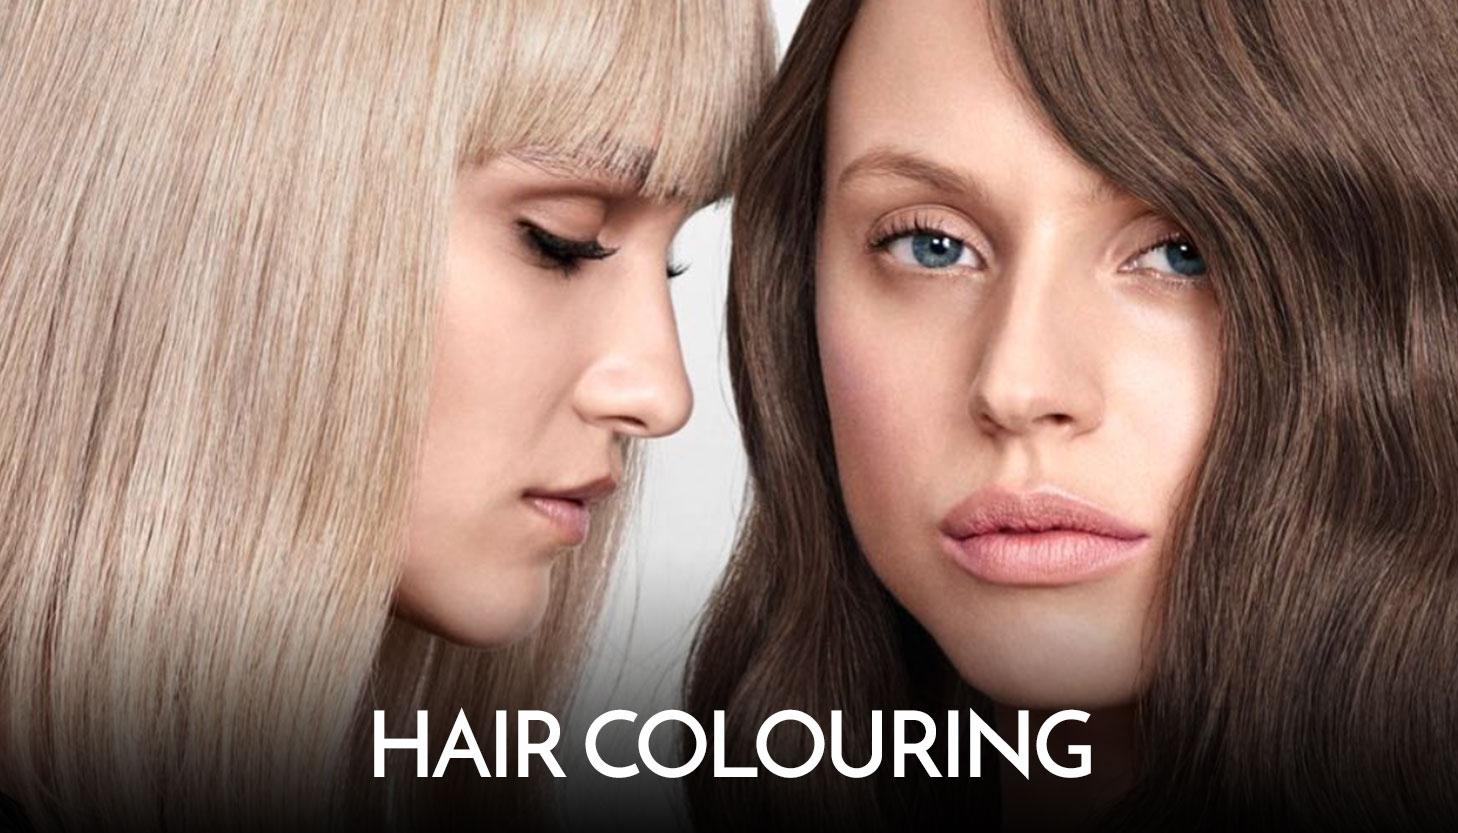 Hair-colouring